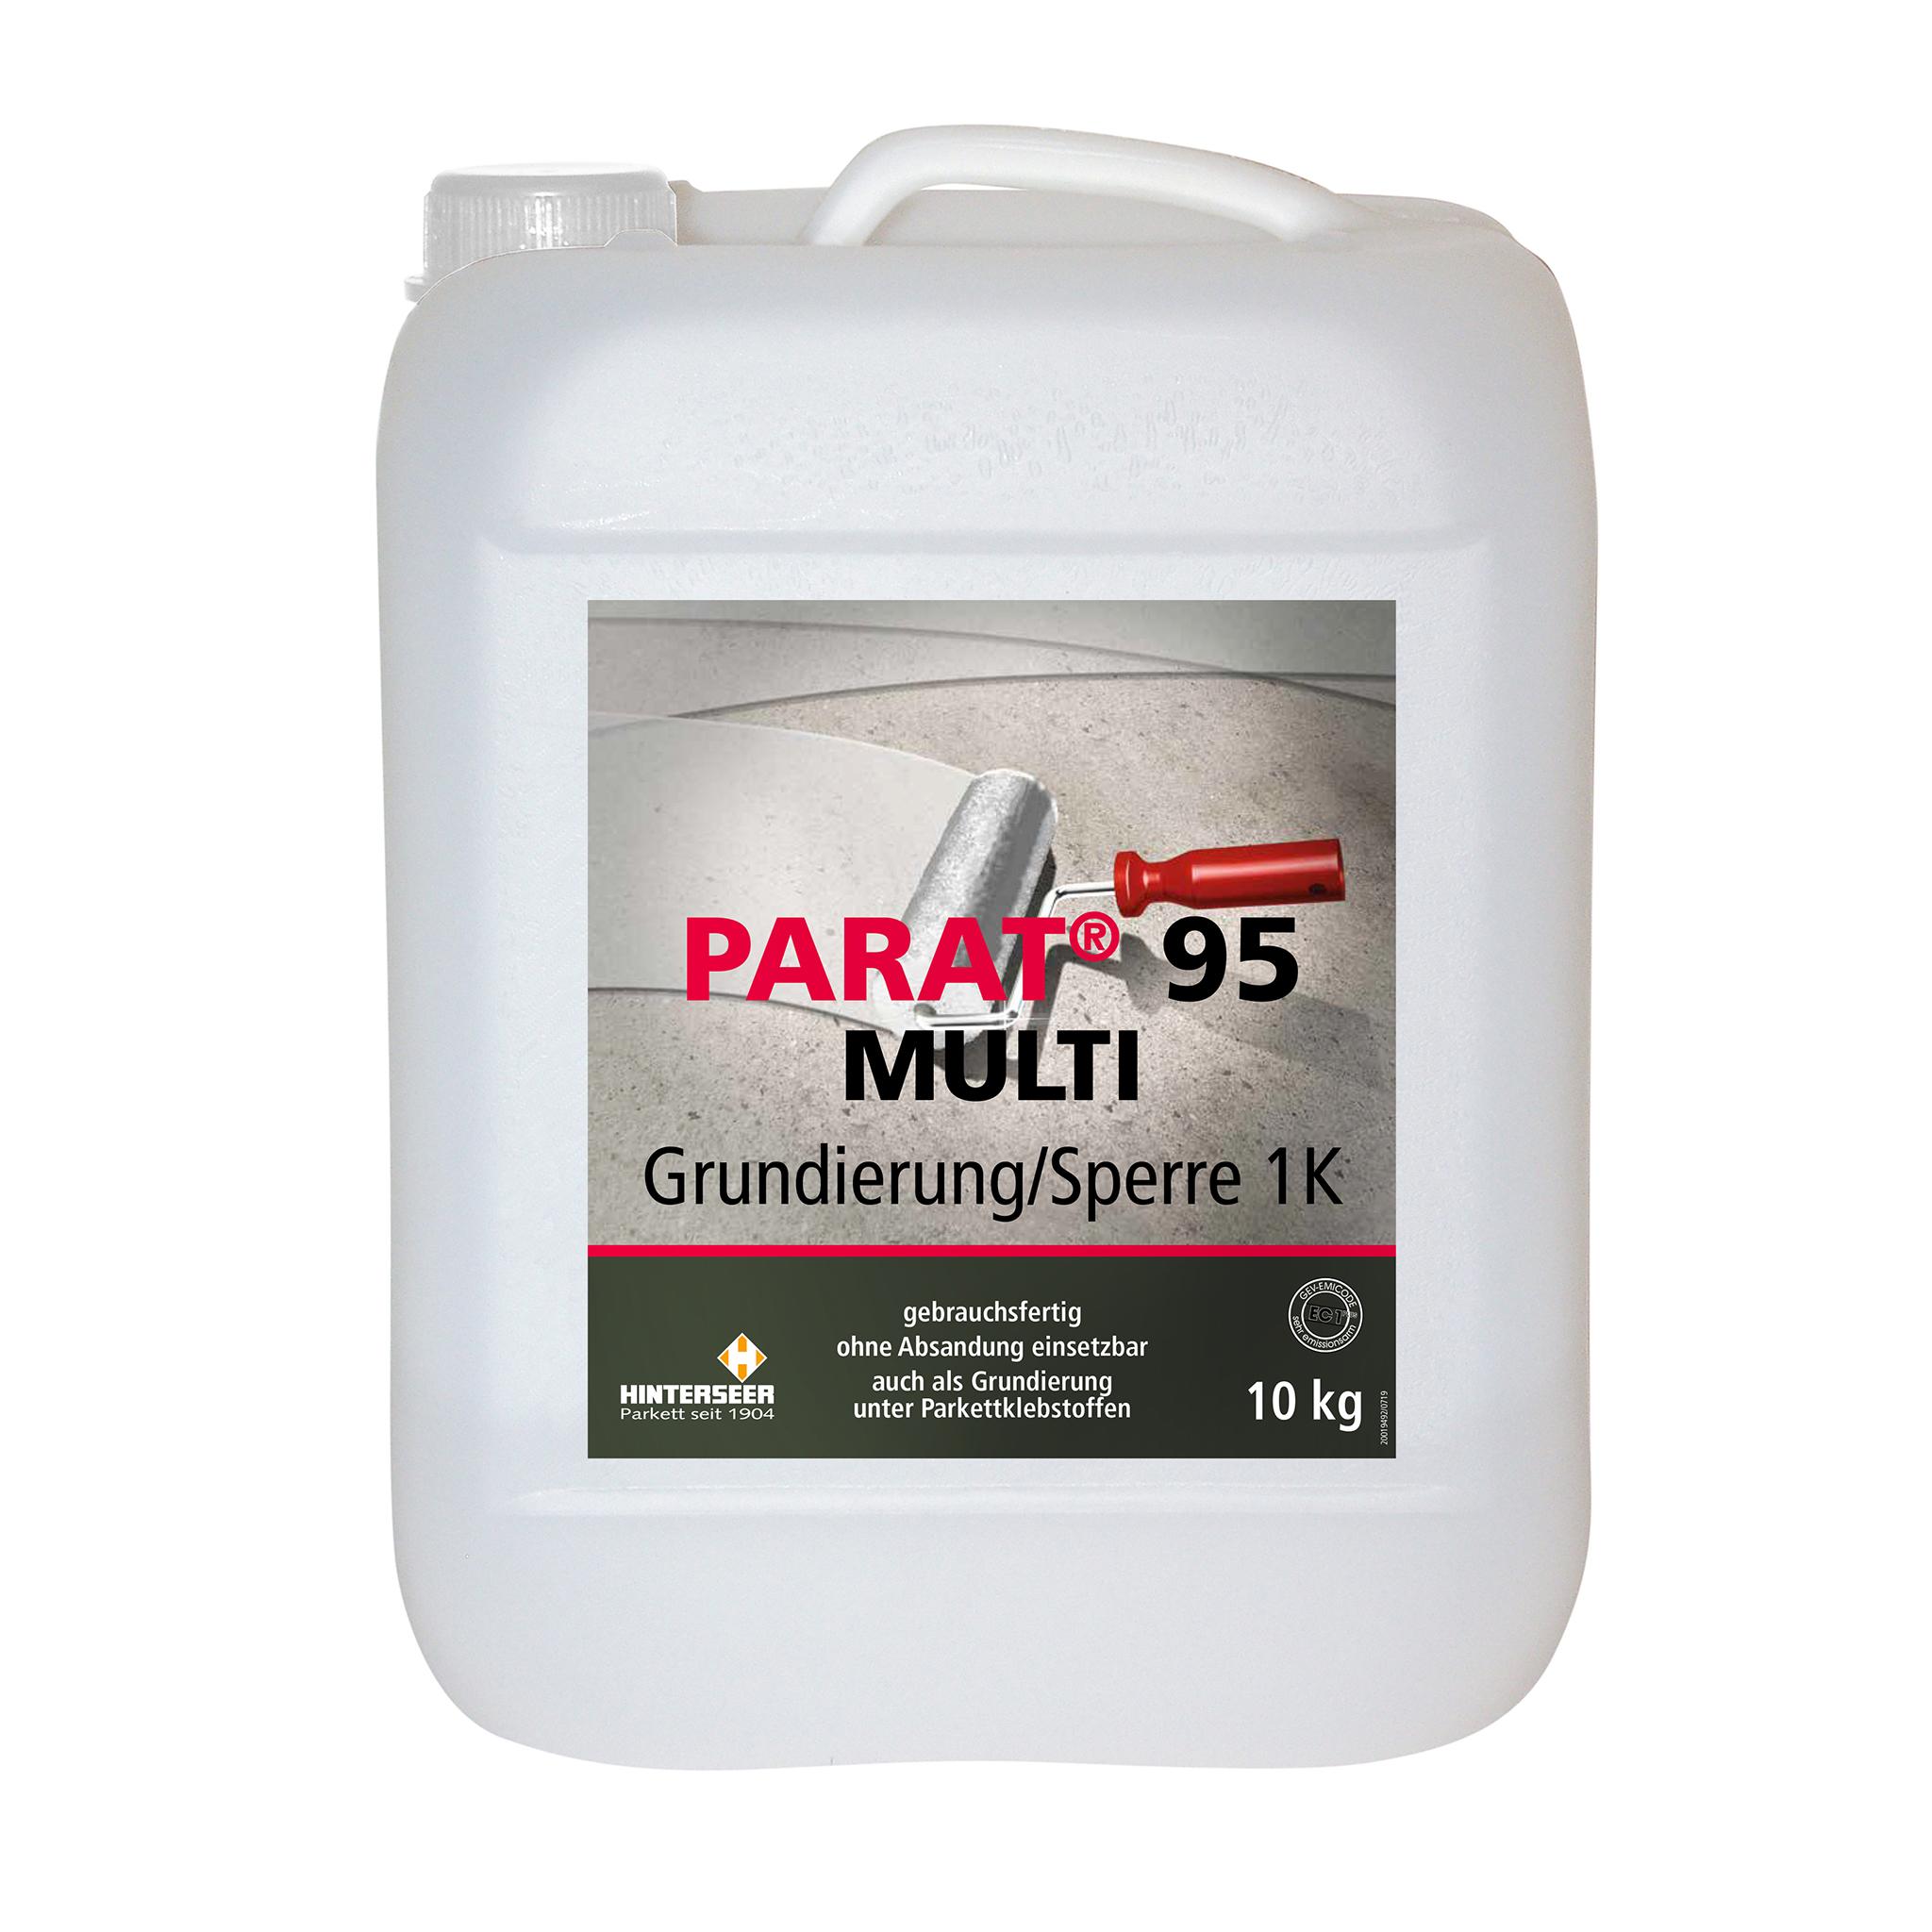 PARAT 95 Multi Grundierung 10 Kg